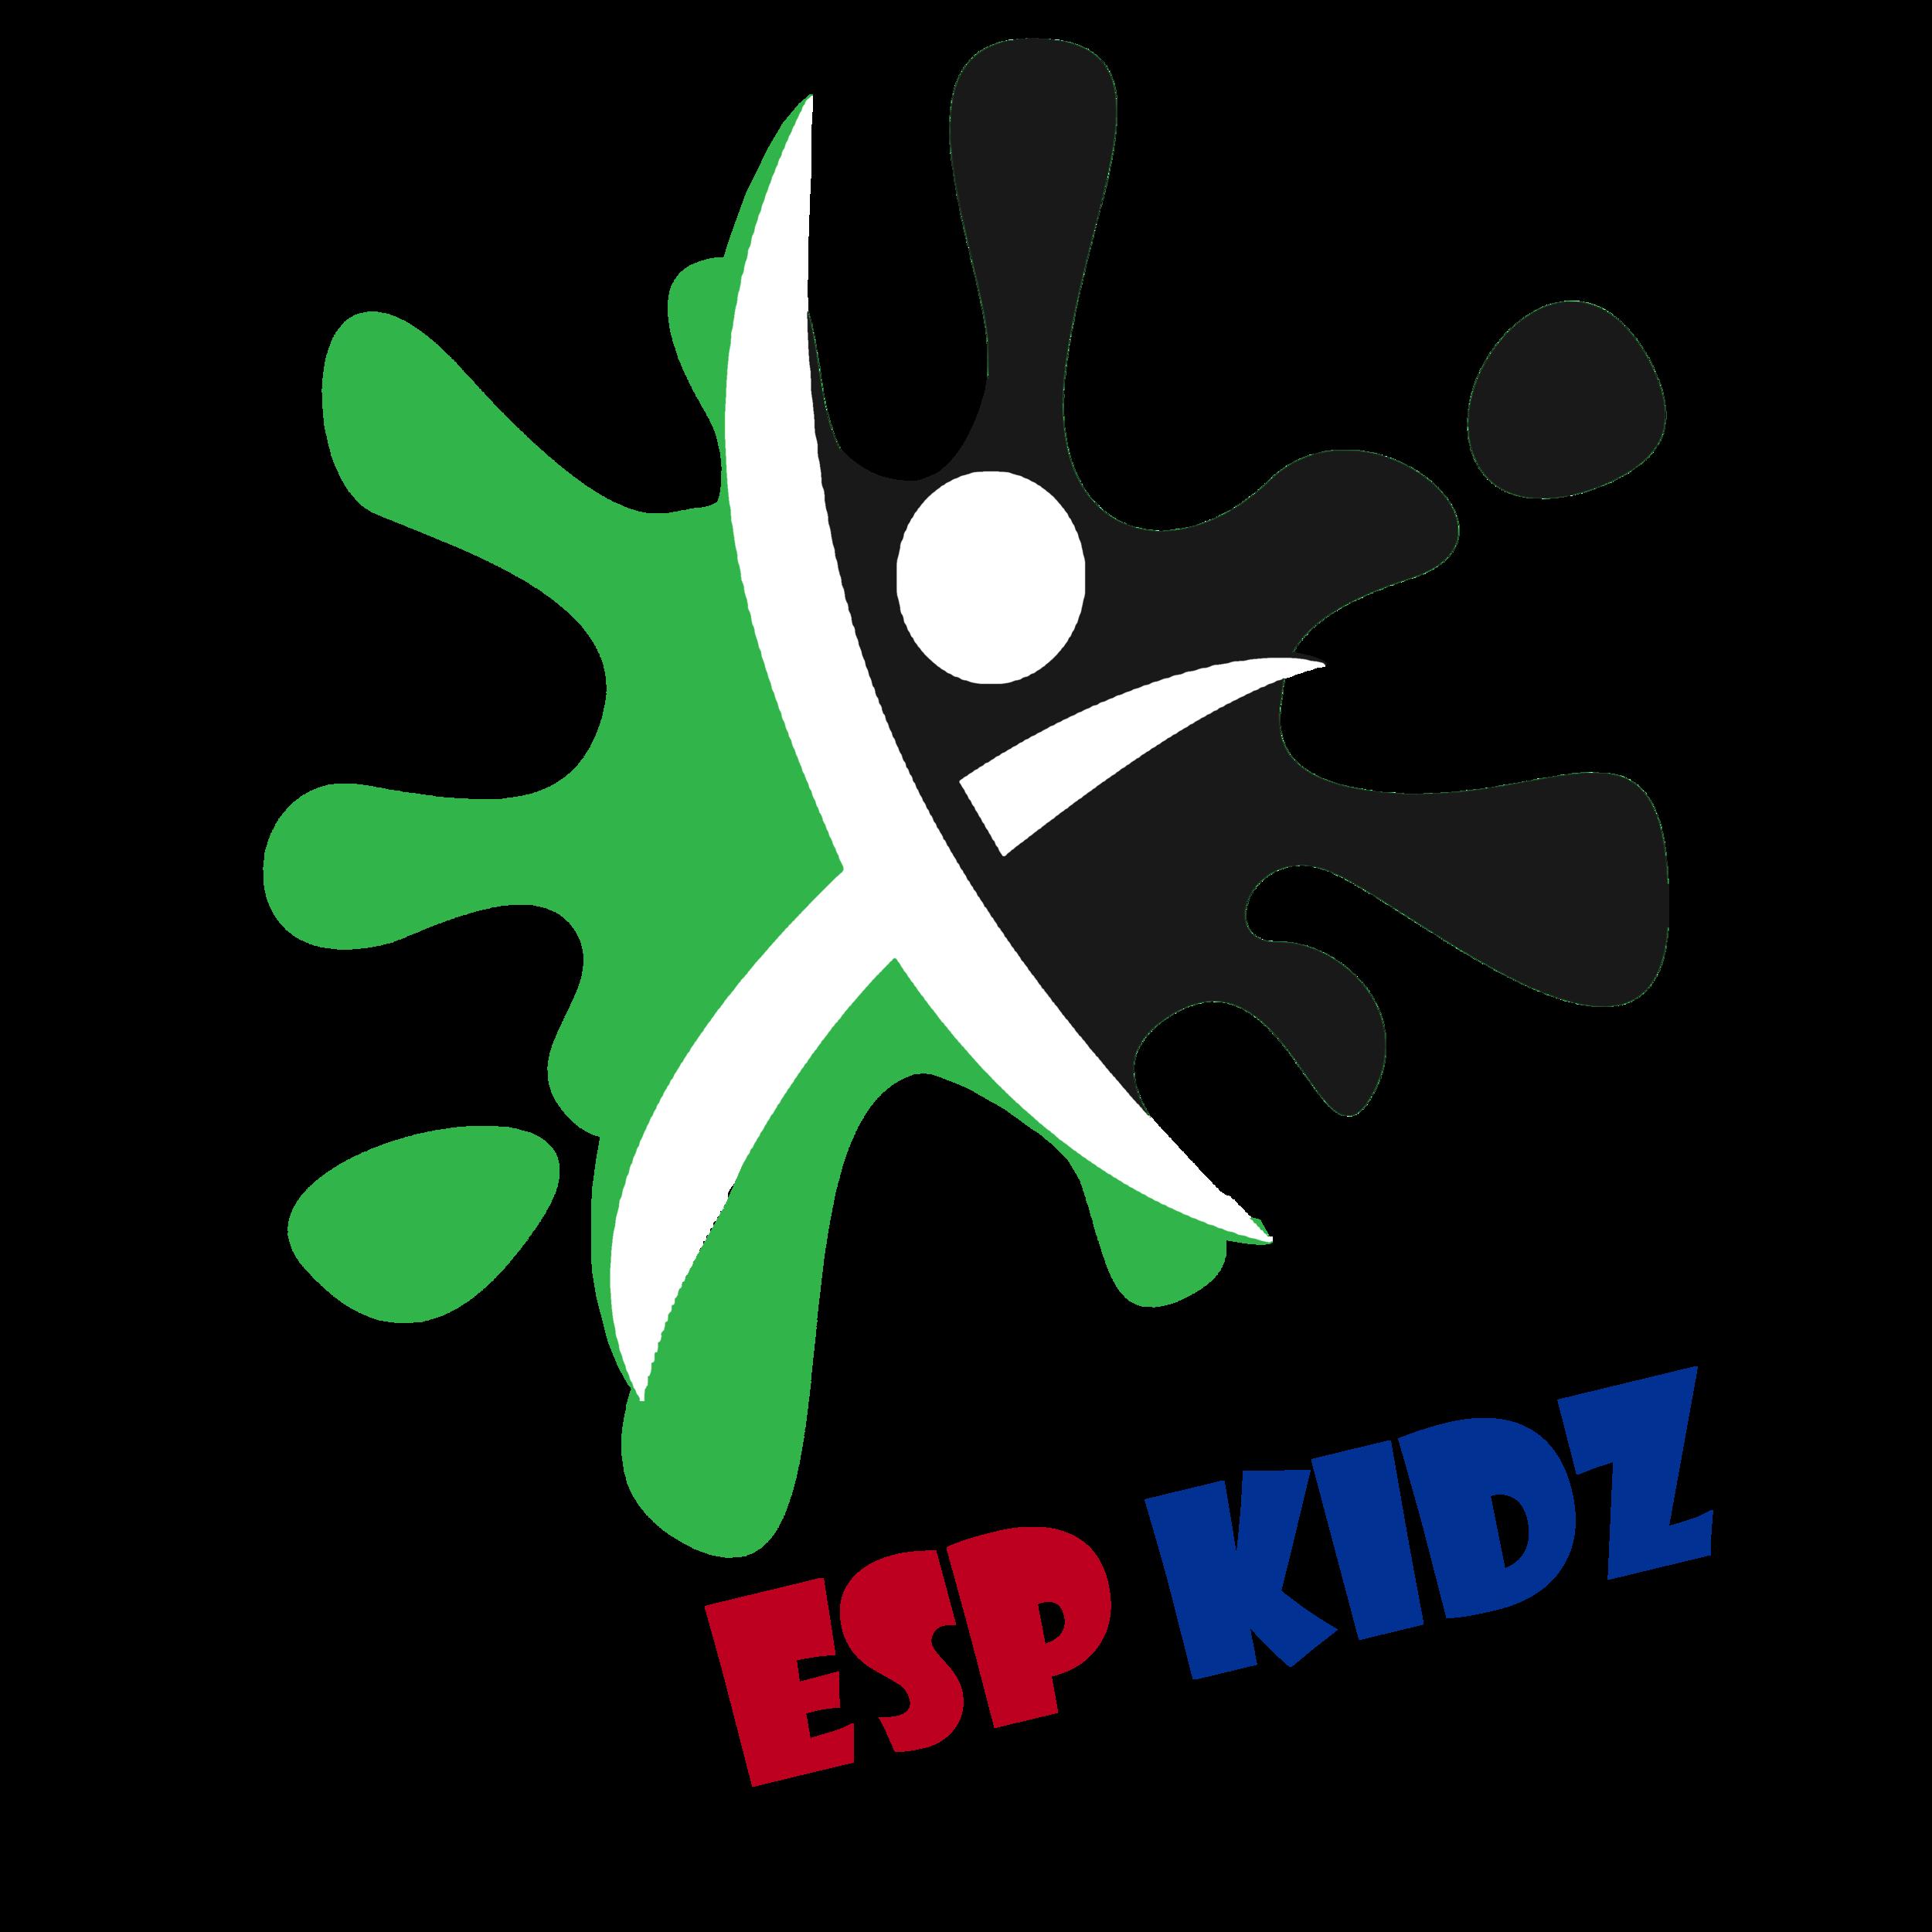 ESP Kidz Logo (With Text).png